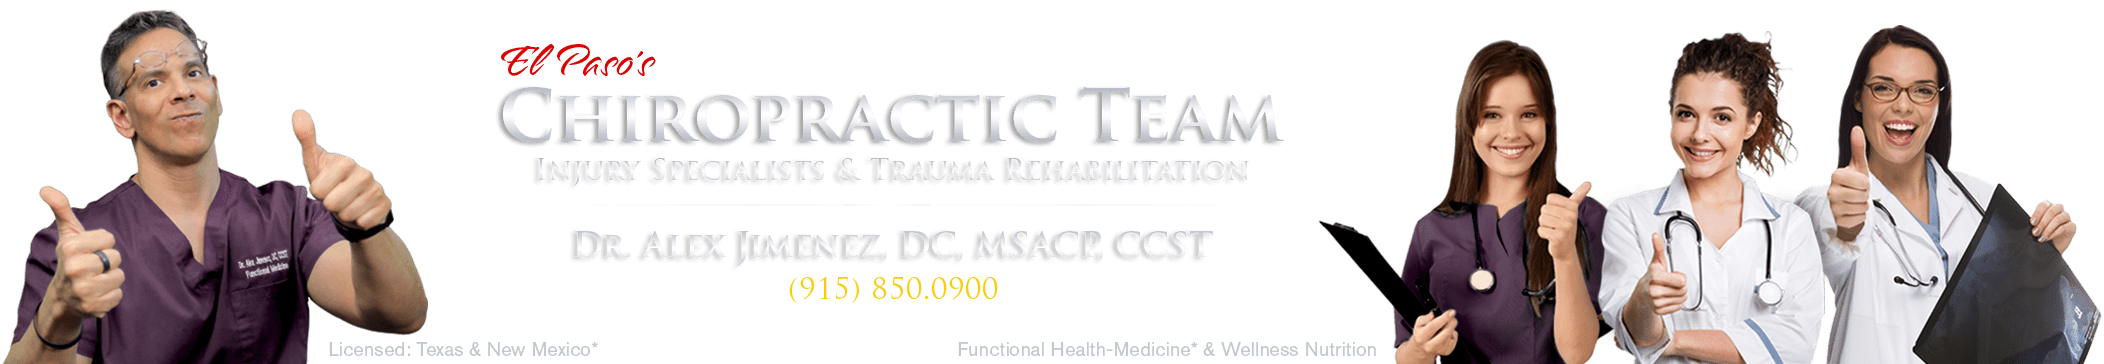 Premier Chiropractic Clinic του Ελ Πάσο 915-850-0900